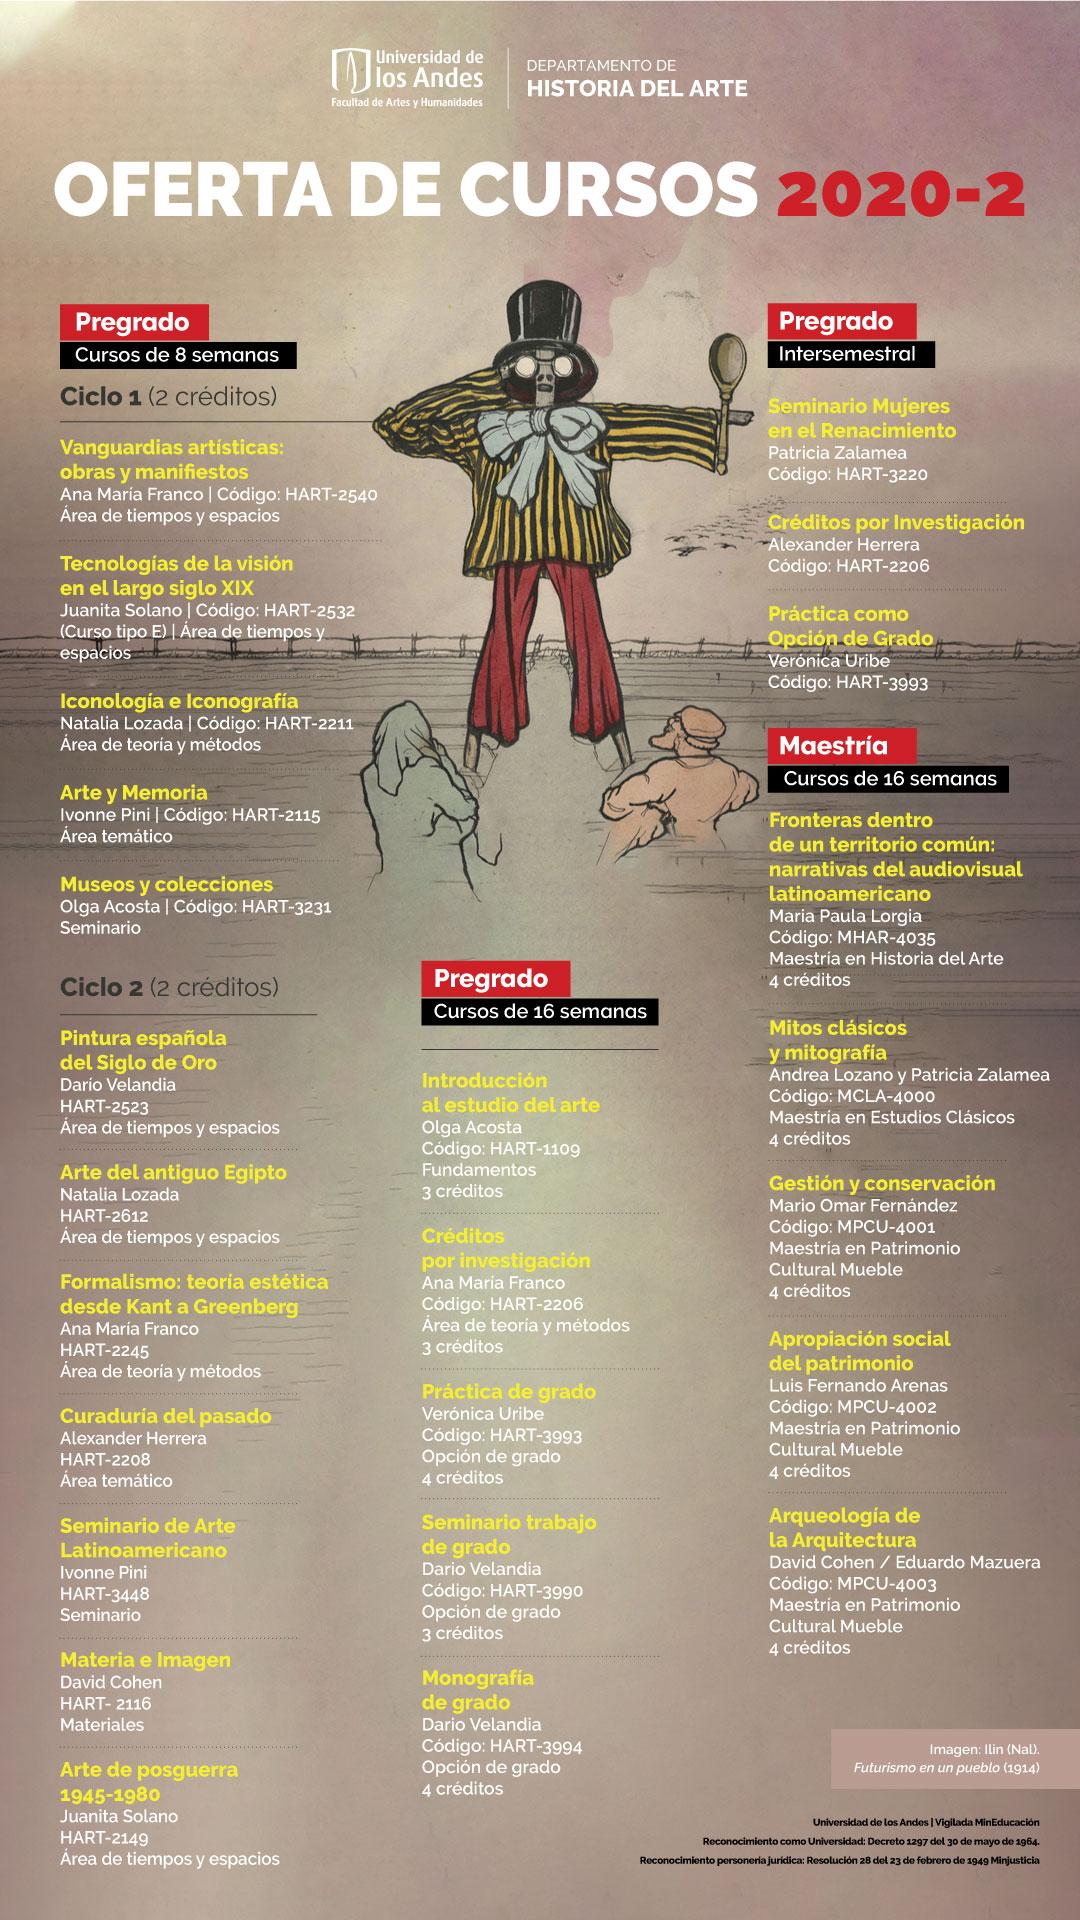 Oferta de cursos segundo semestre de 2020 Historia del Arte